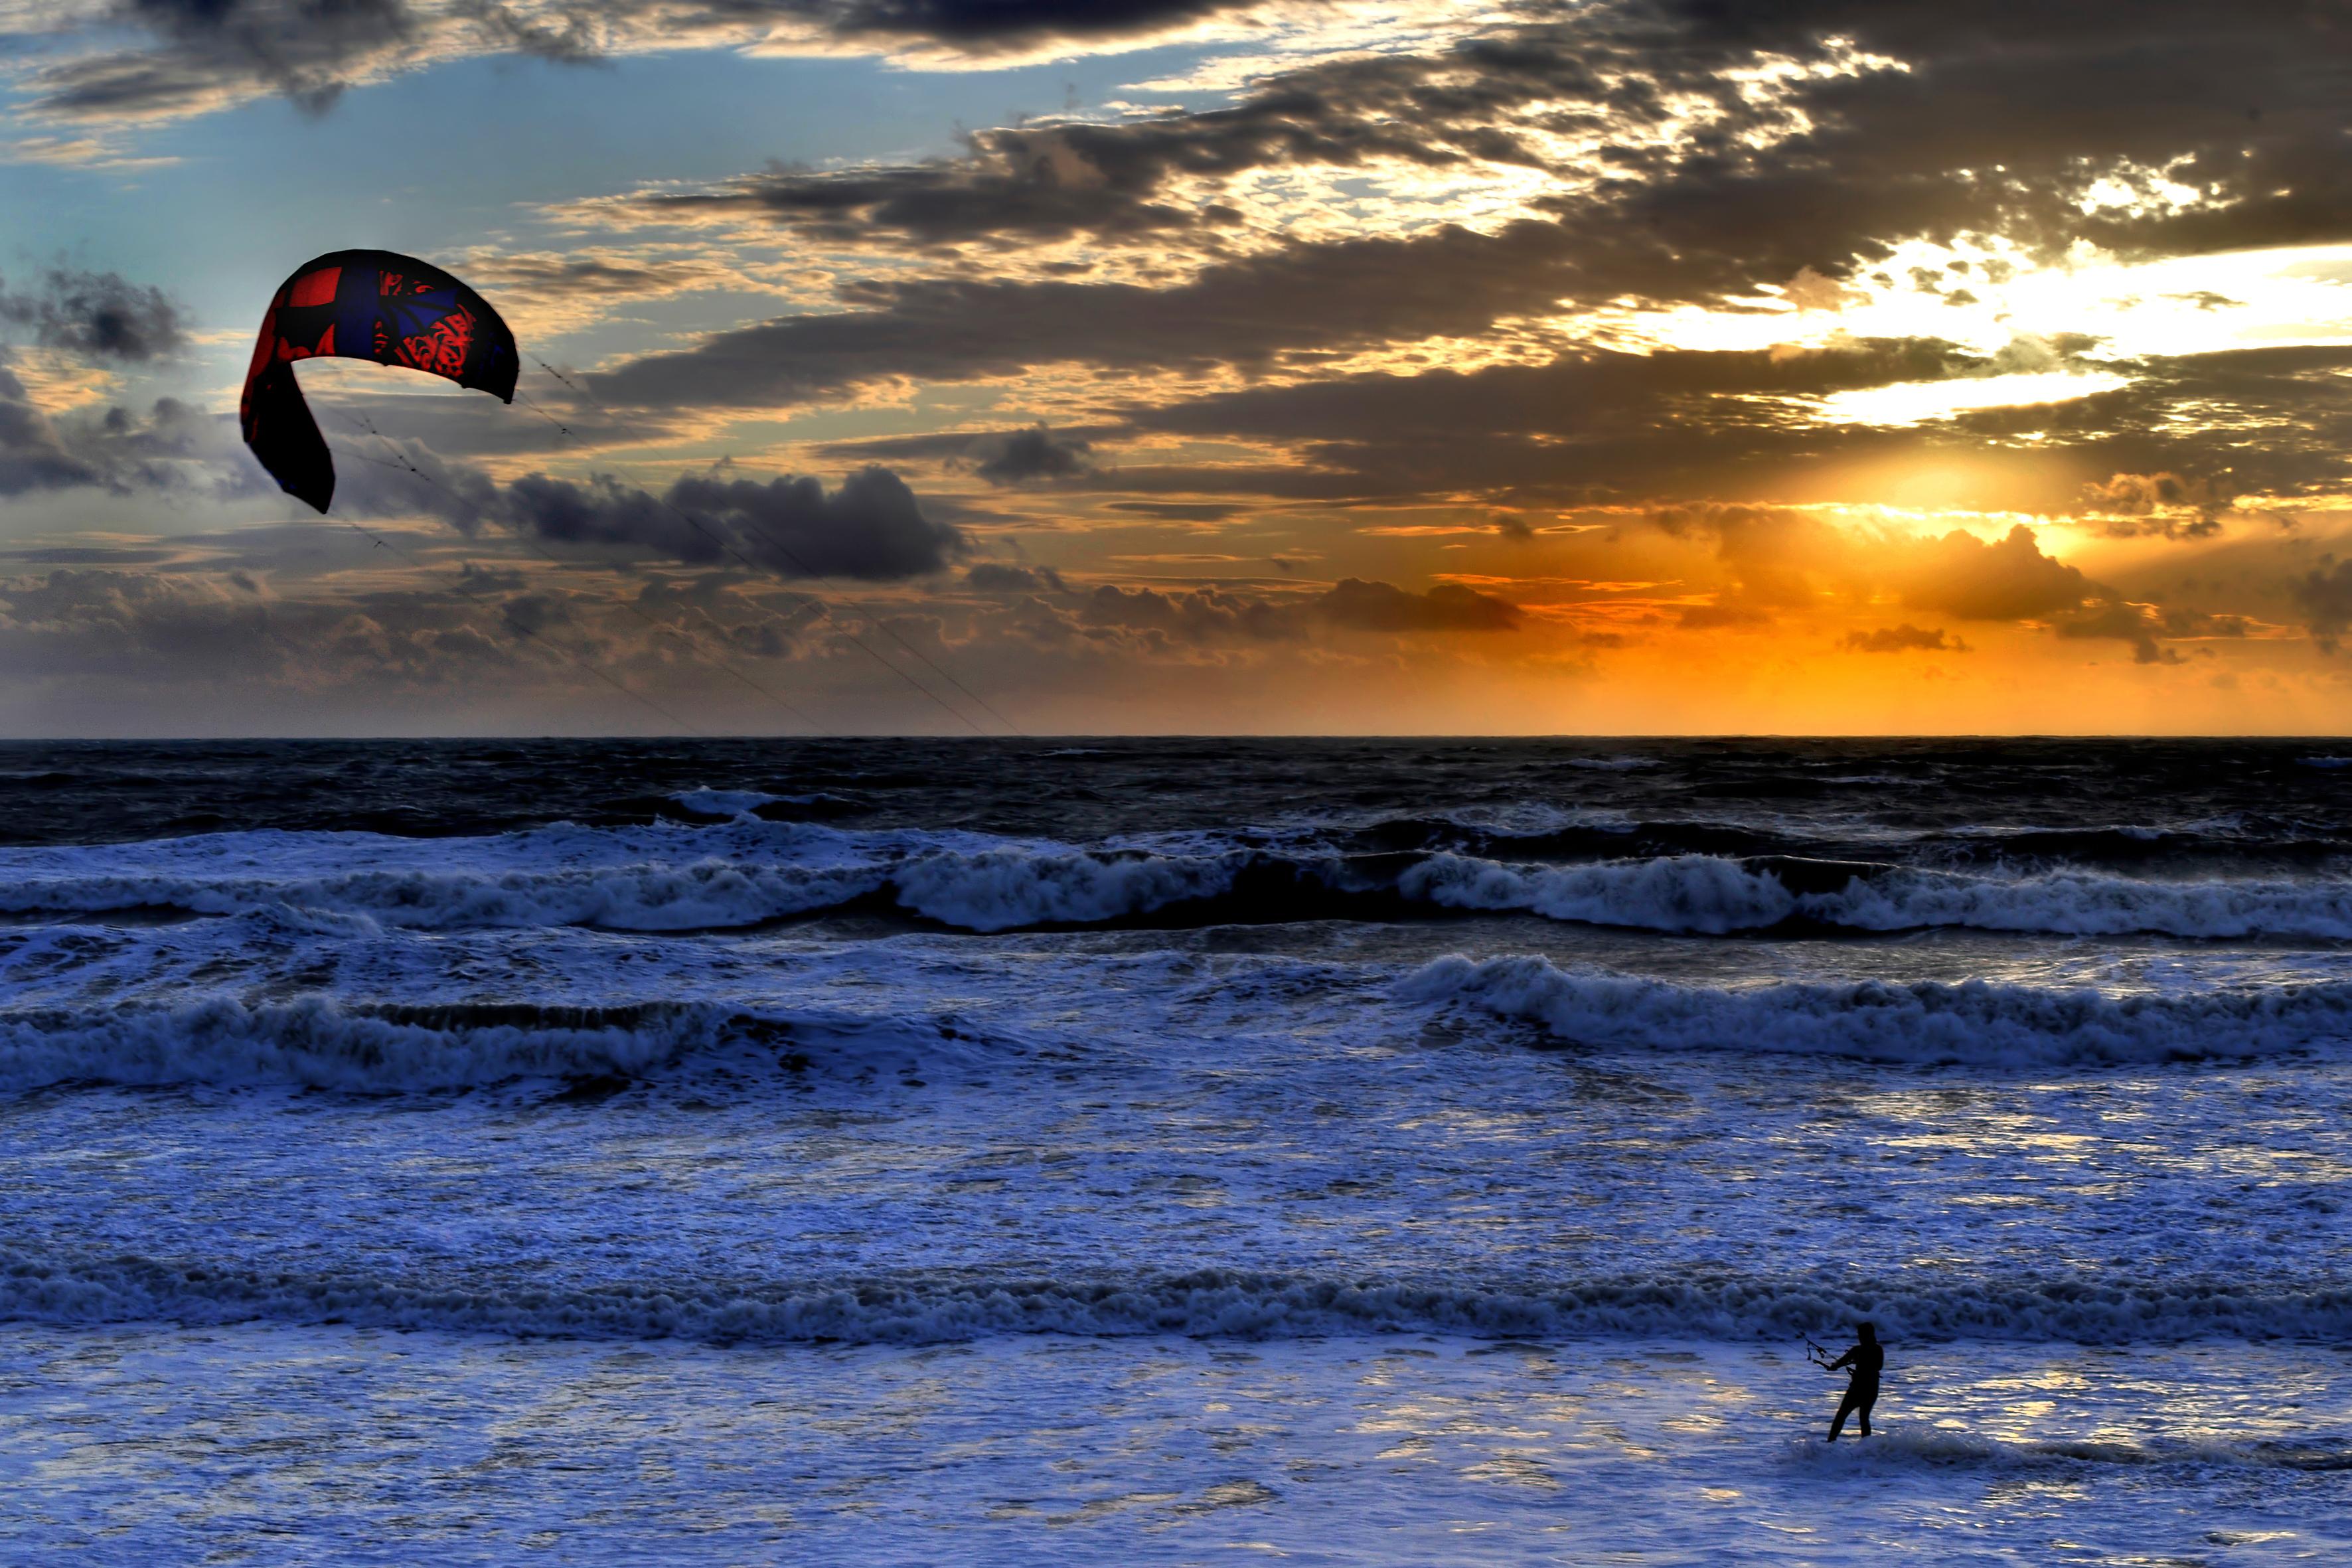 fkk naturism am strand File:Stimmungen an der Französischen Atlantikküste am Strand des FKK-Dorfs Euronat 11.